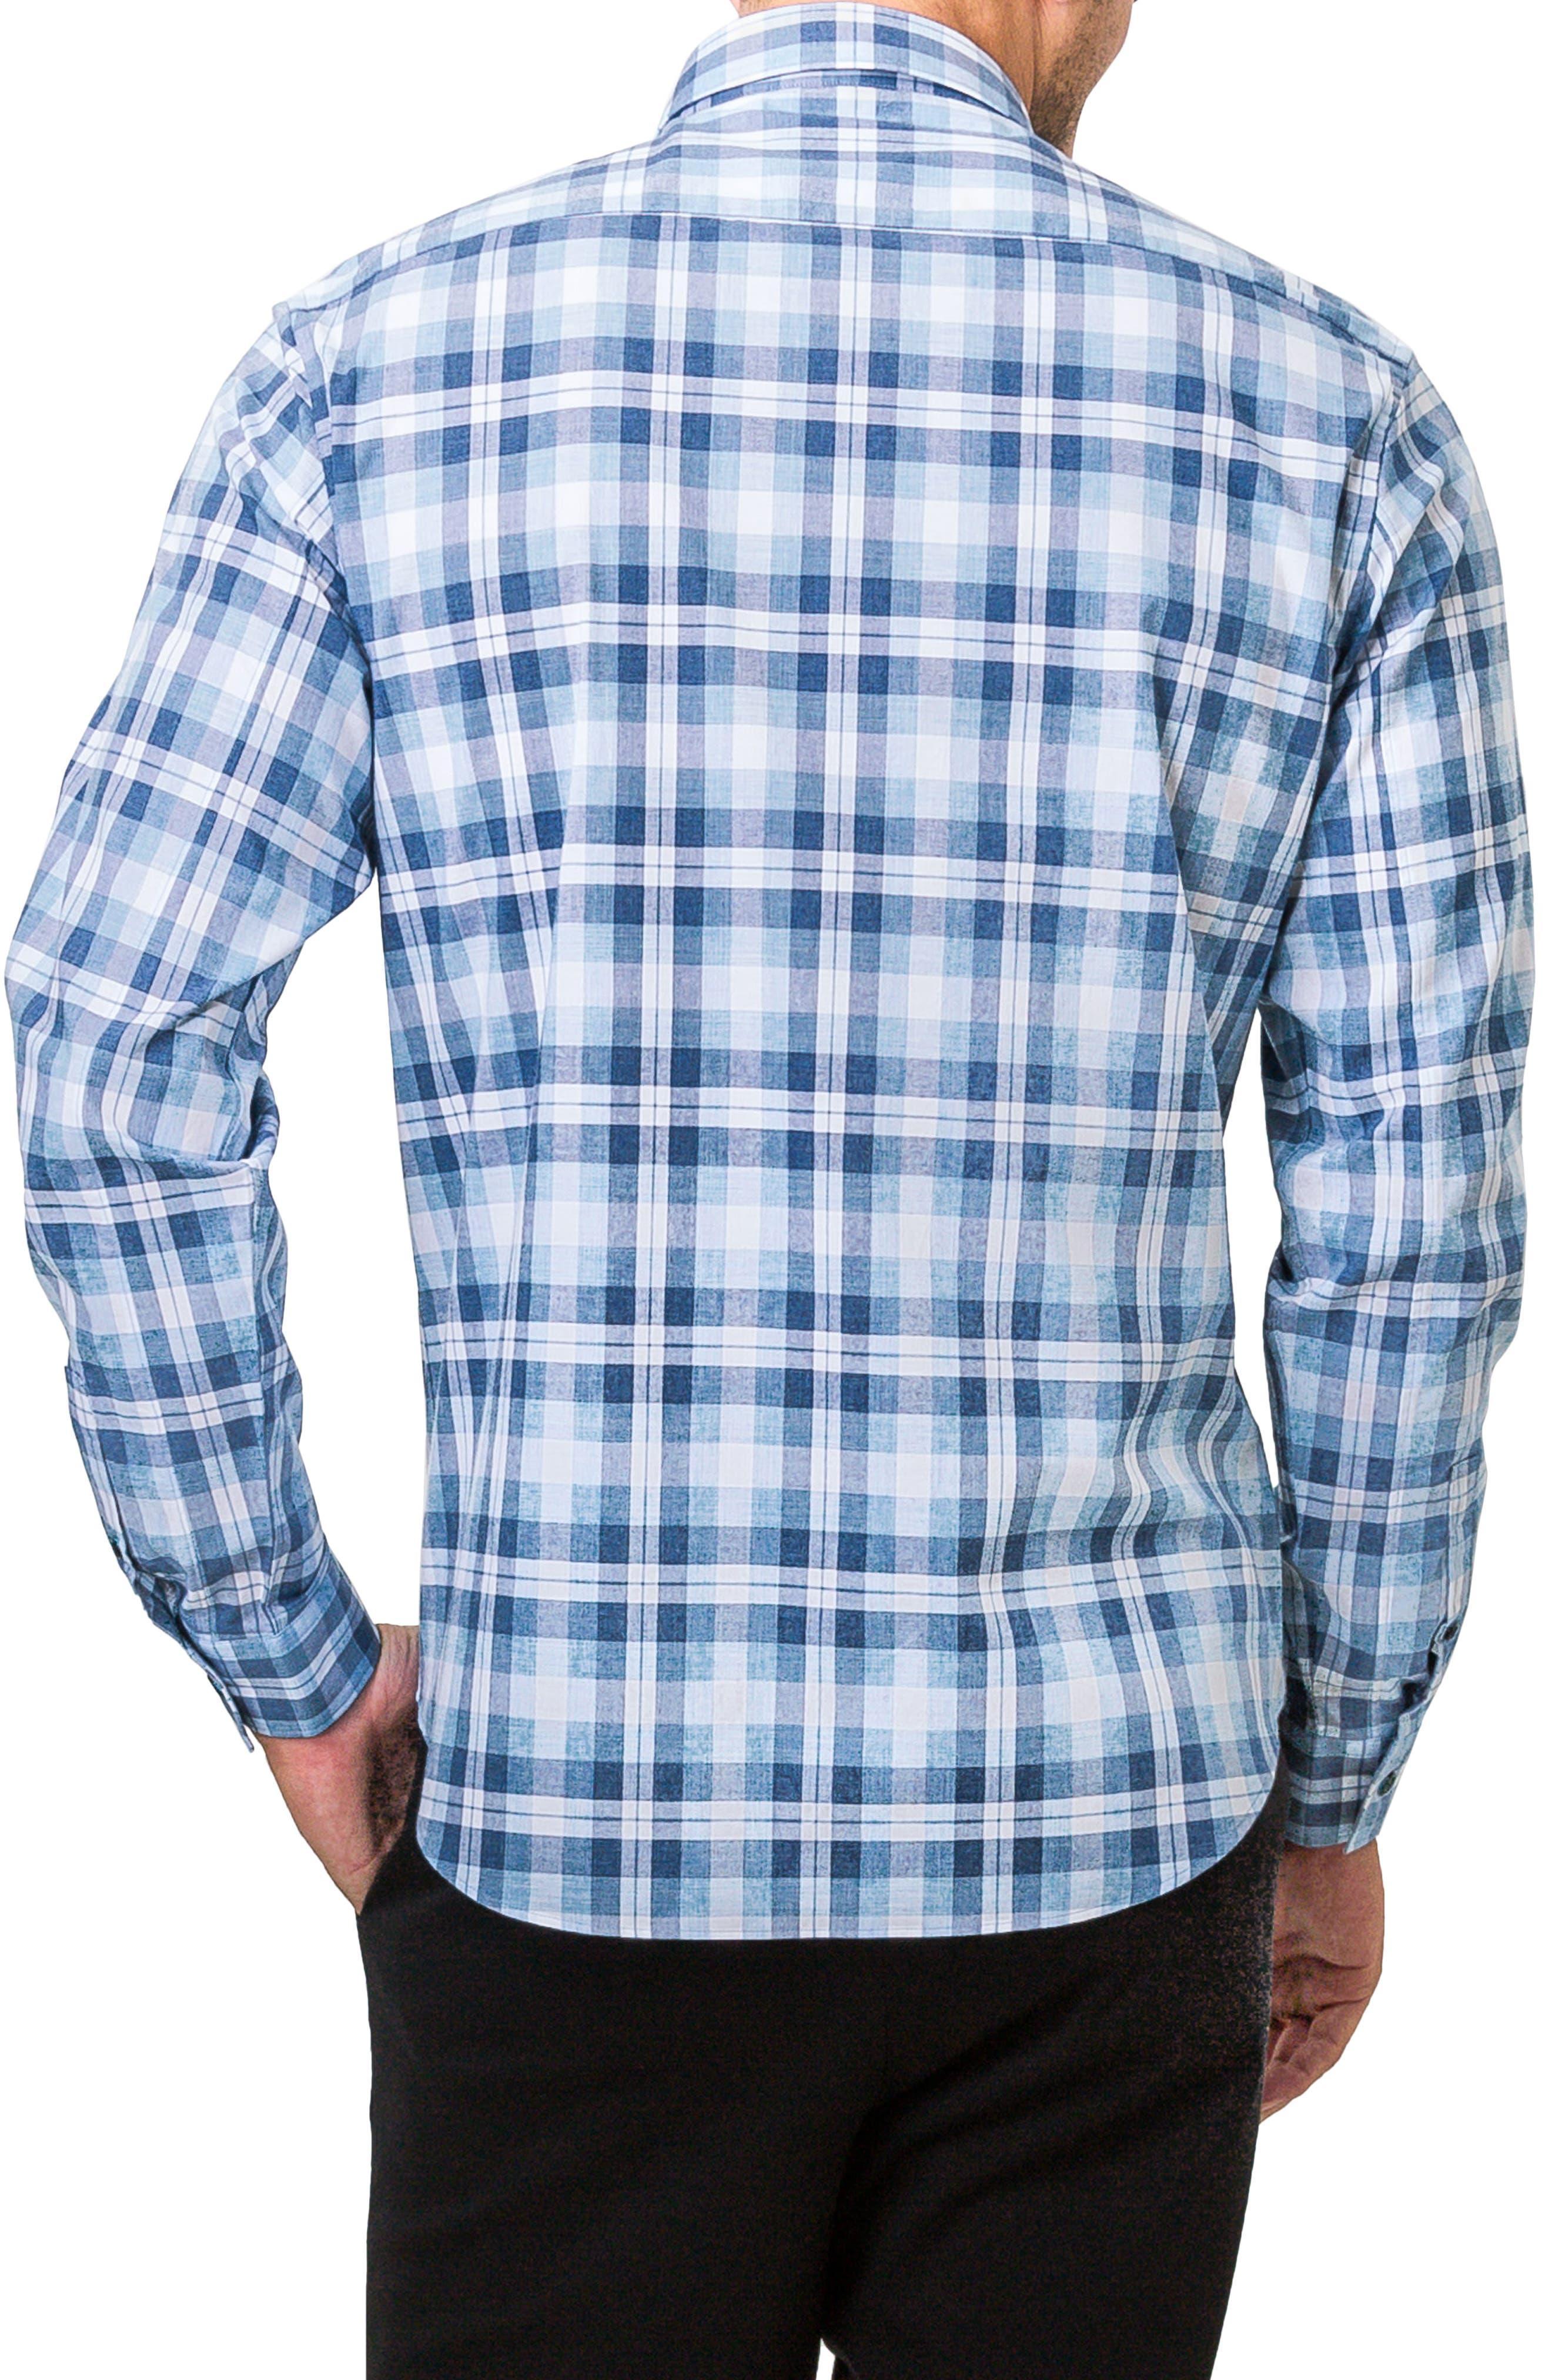 Morning Rain Woven Shirt,                             Alternate thumbnail 2, color,                             Blue